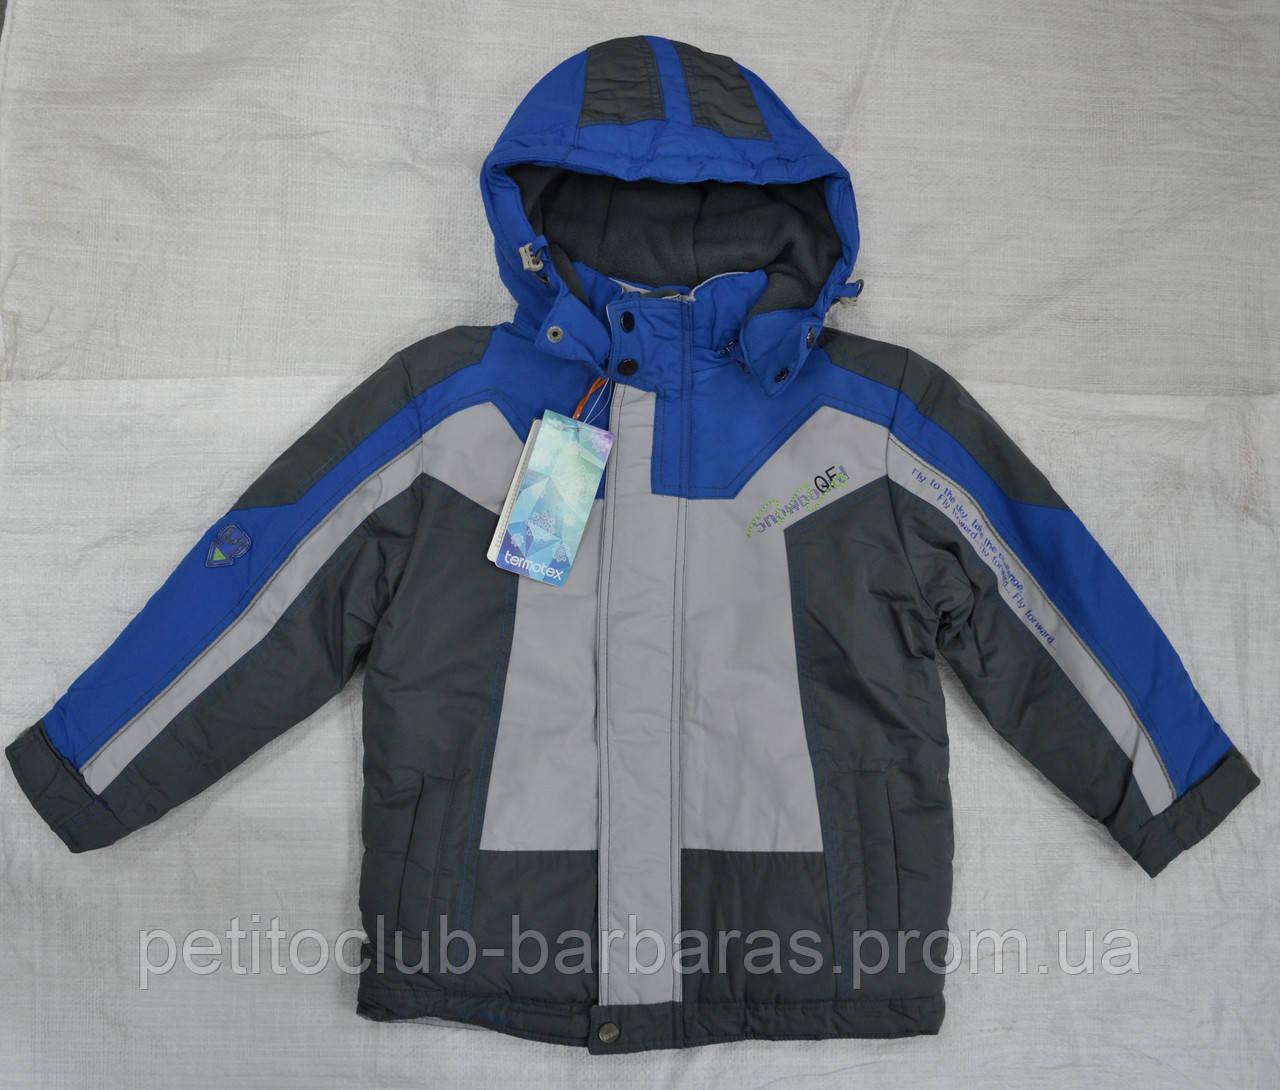 Куртка зимняя Snowboarding серо-голубая (QuadriFoglio, Польша)